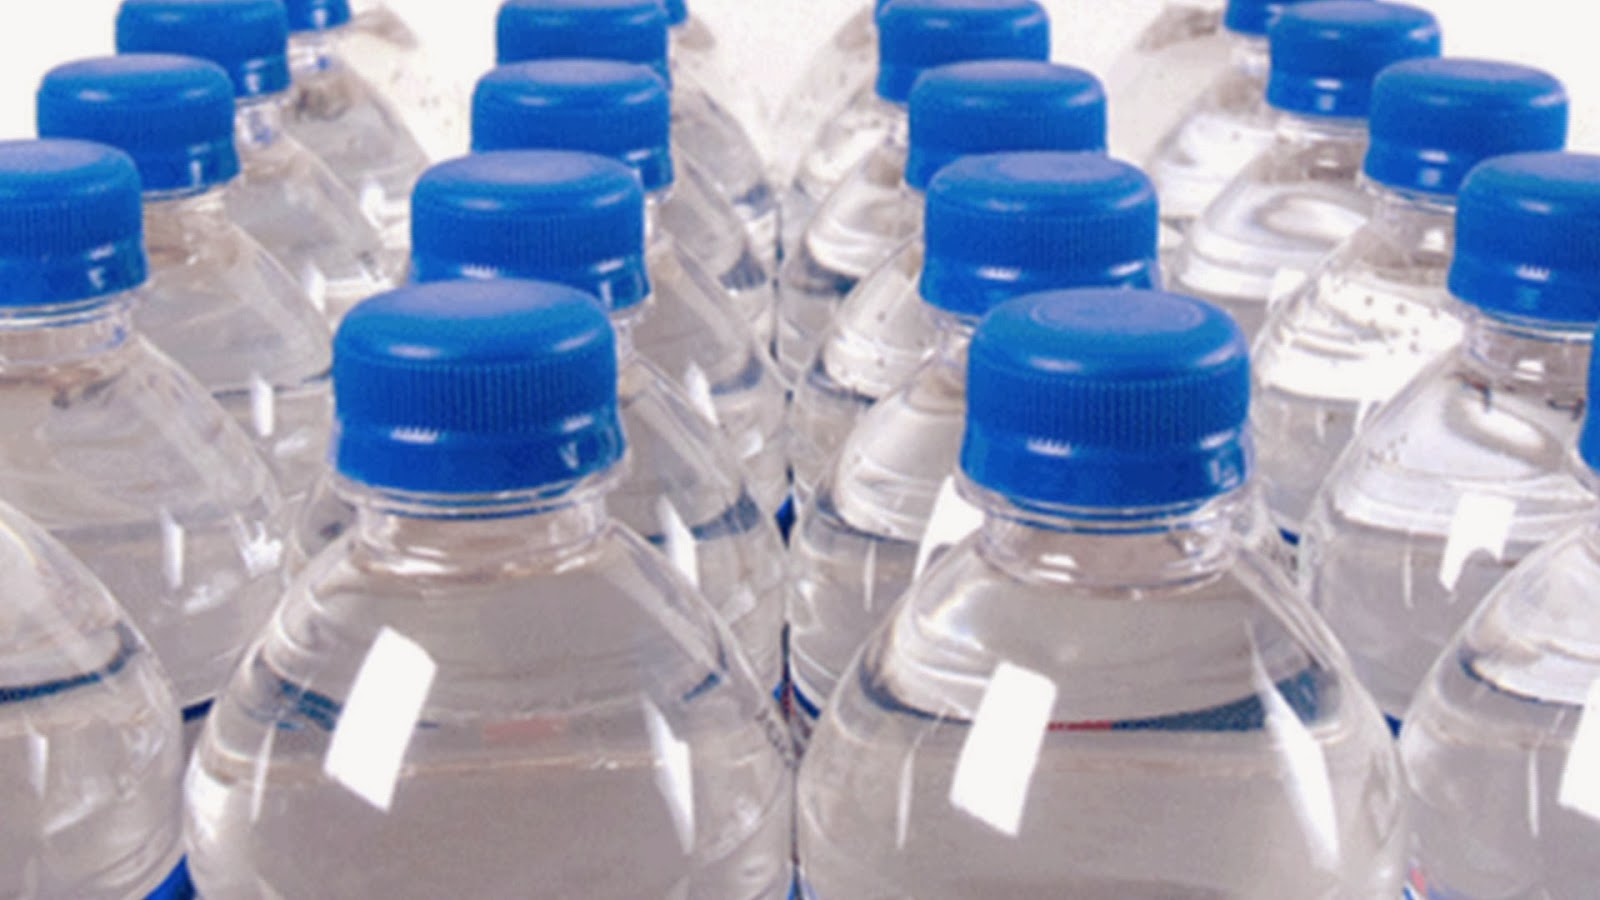 Agua embotellada, ¿vale su precio?